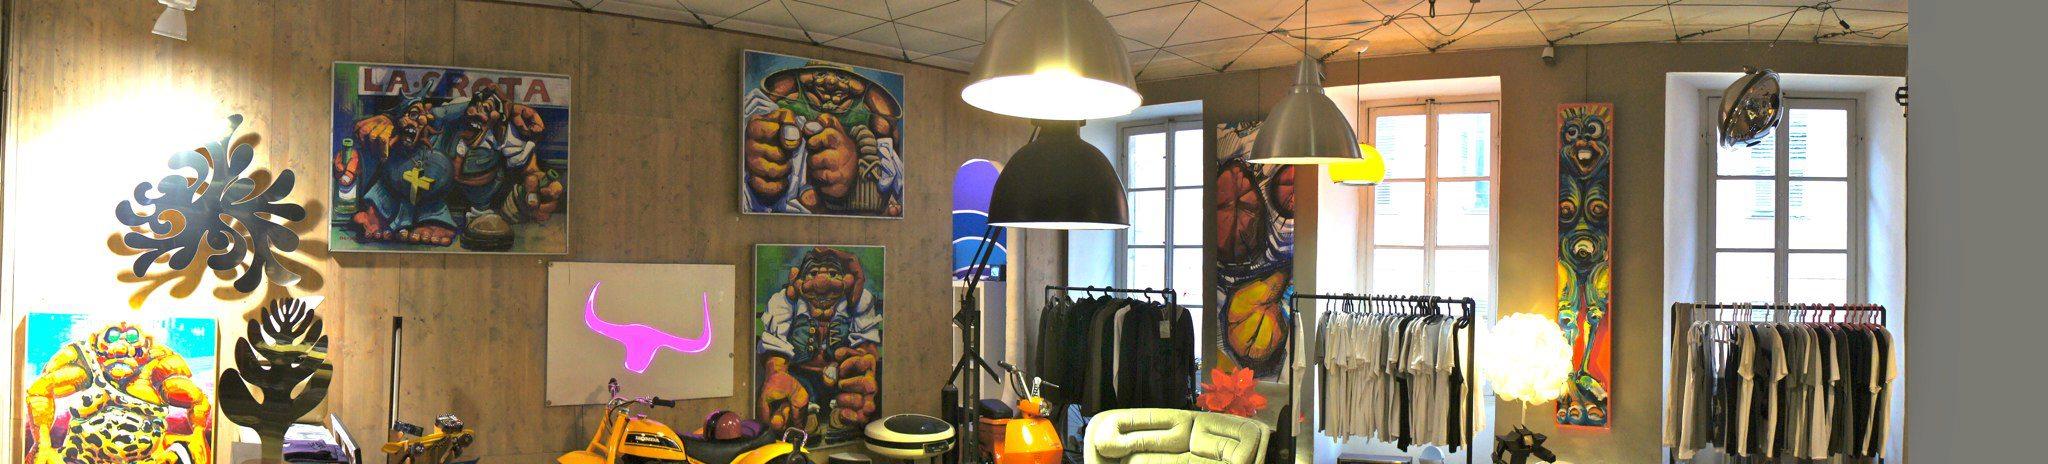 Popart Nice concept store et sa galerie d'art